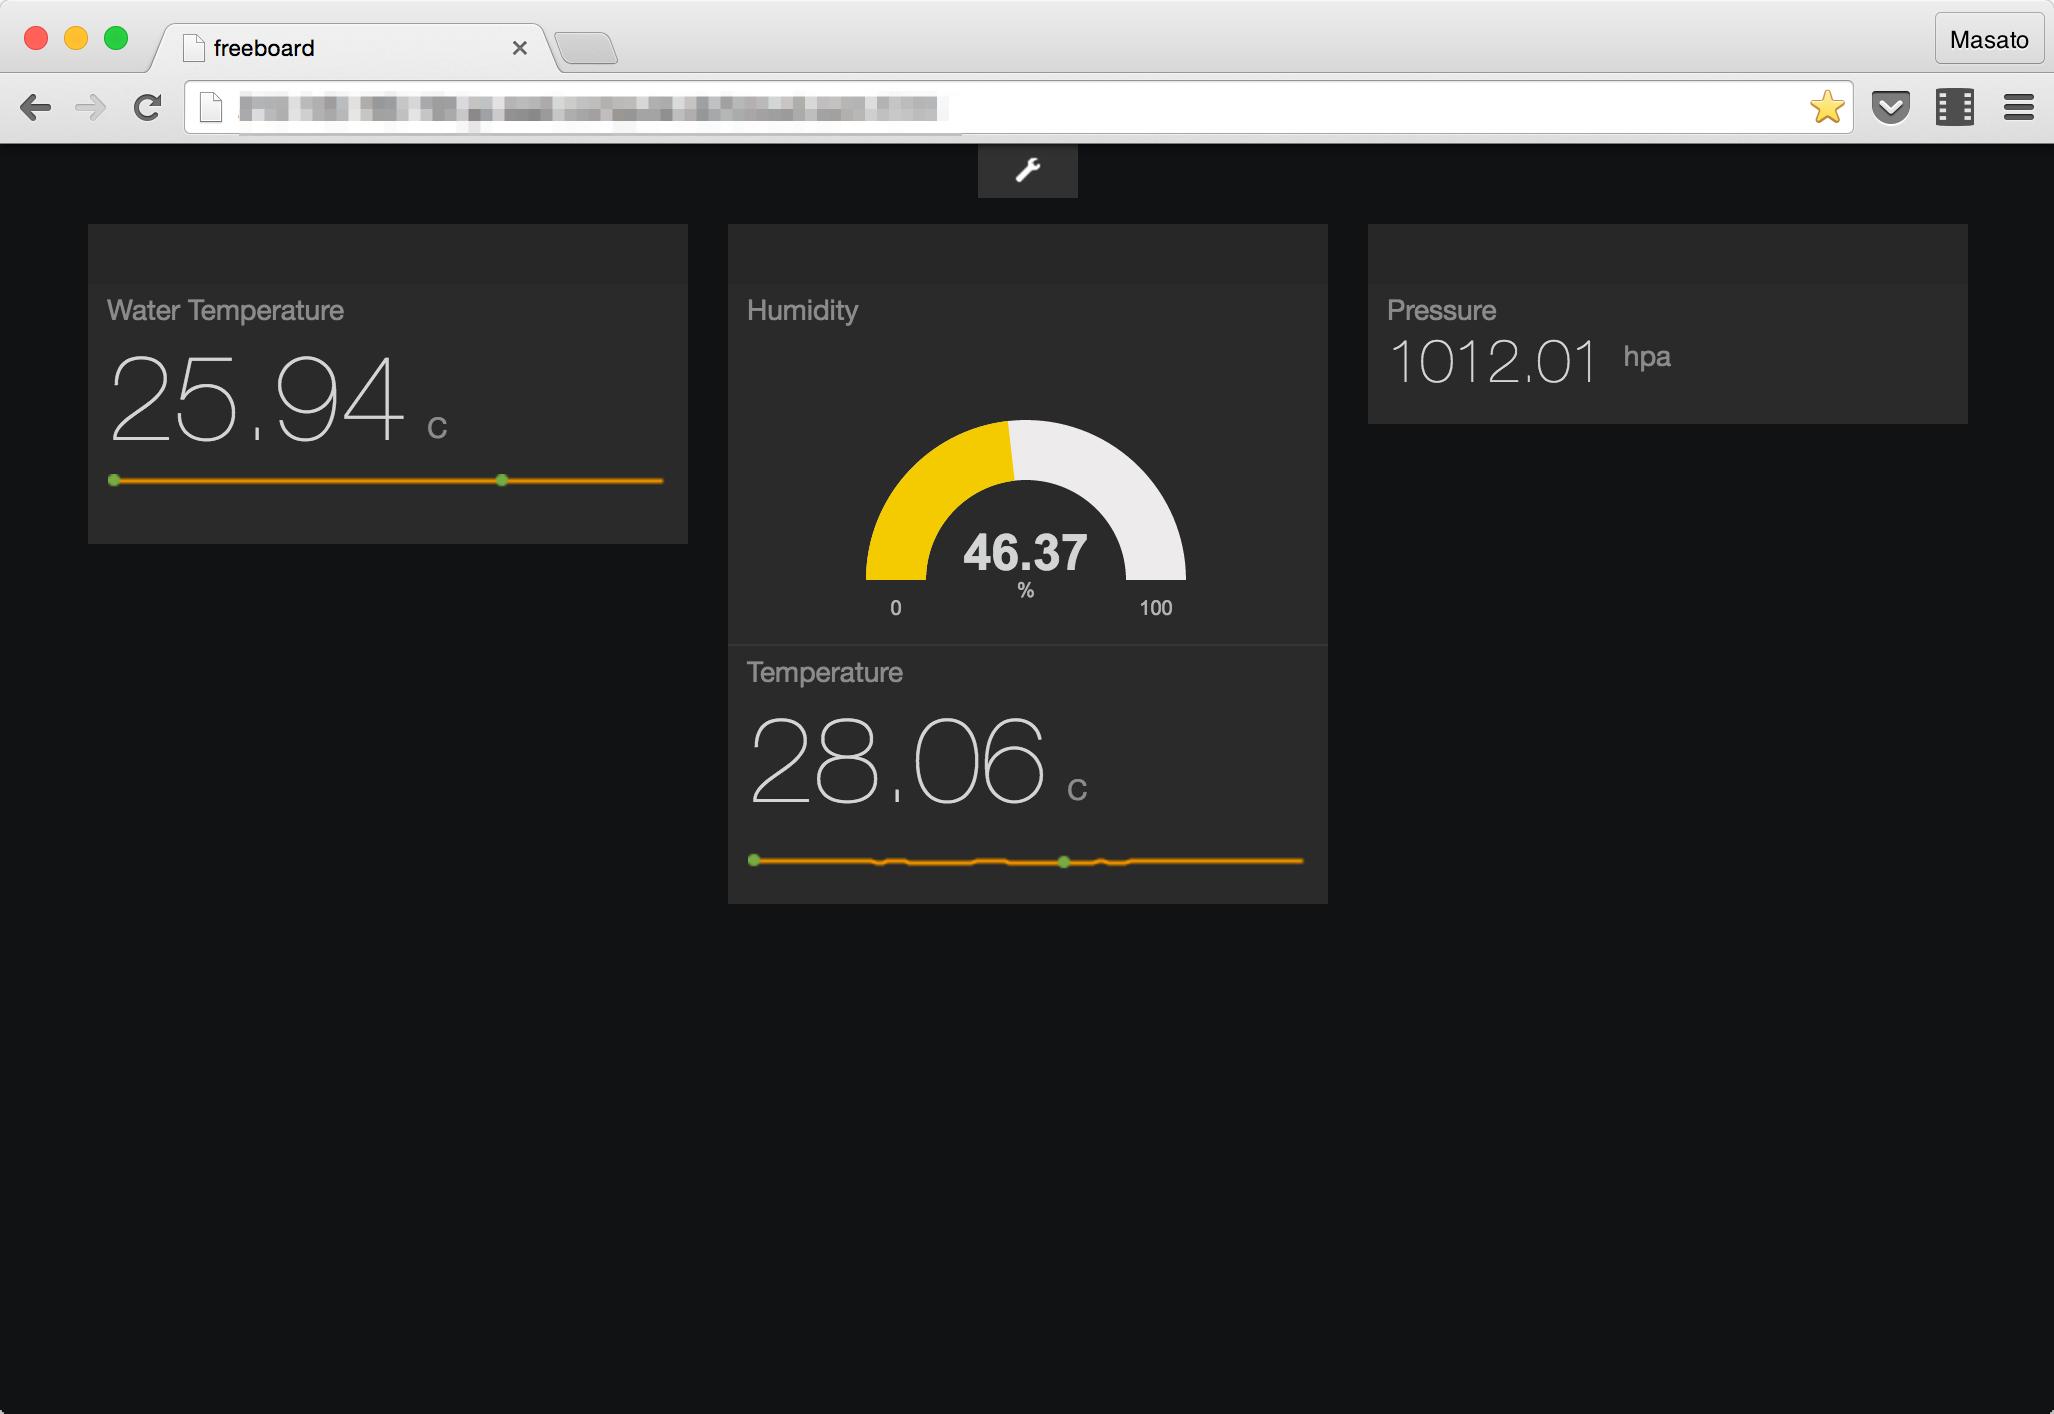 freeboard-3-metrics.png